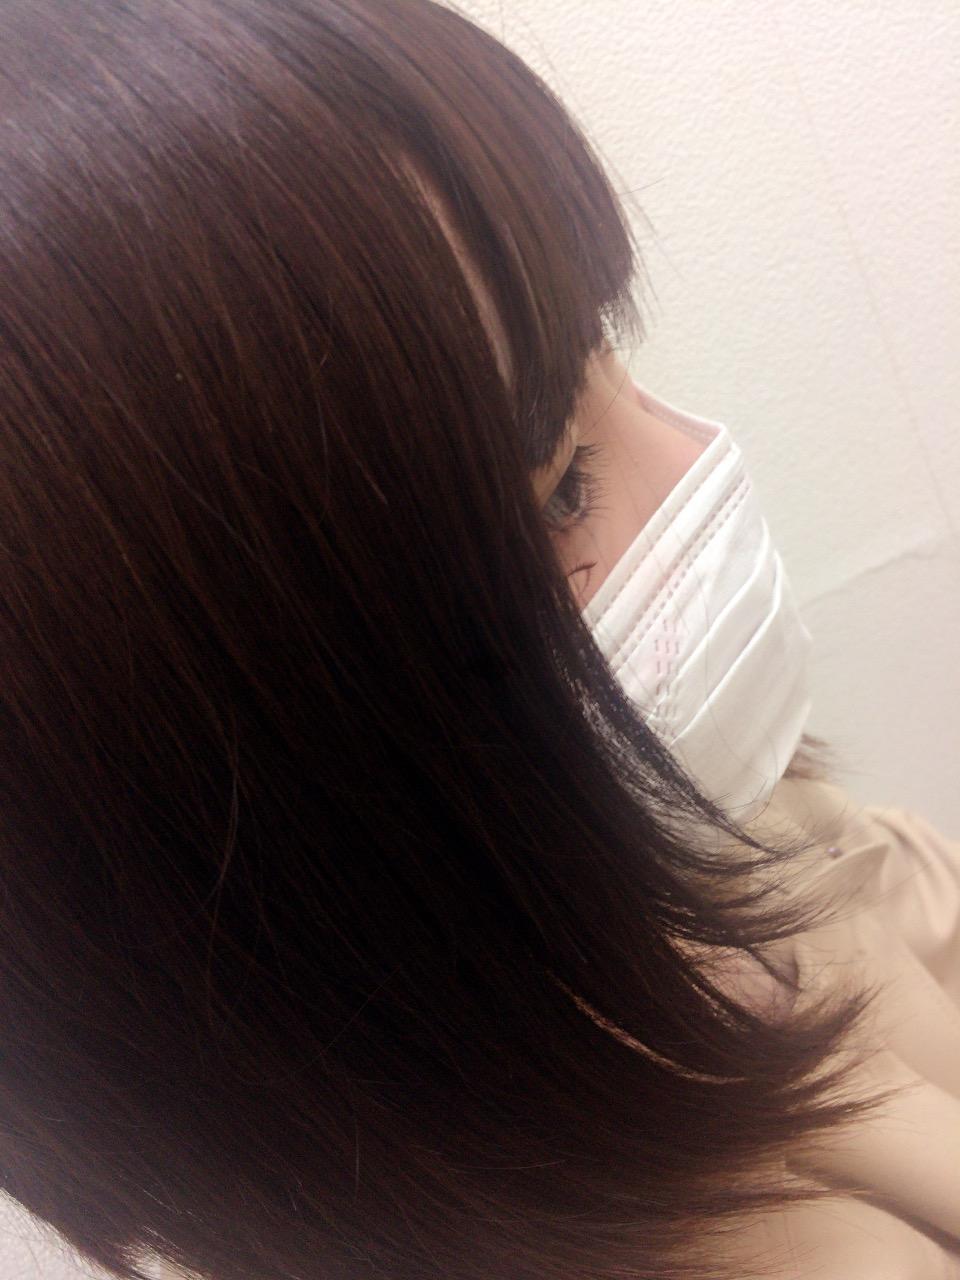 「恥ずかしいじゃないですか」12/08(木) 17:41 | そよかの写メ・風俗動画